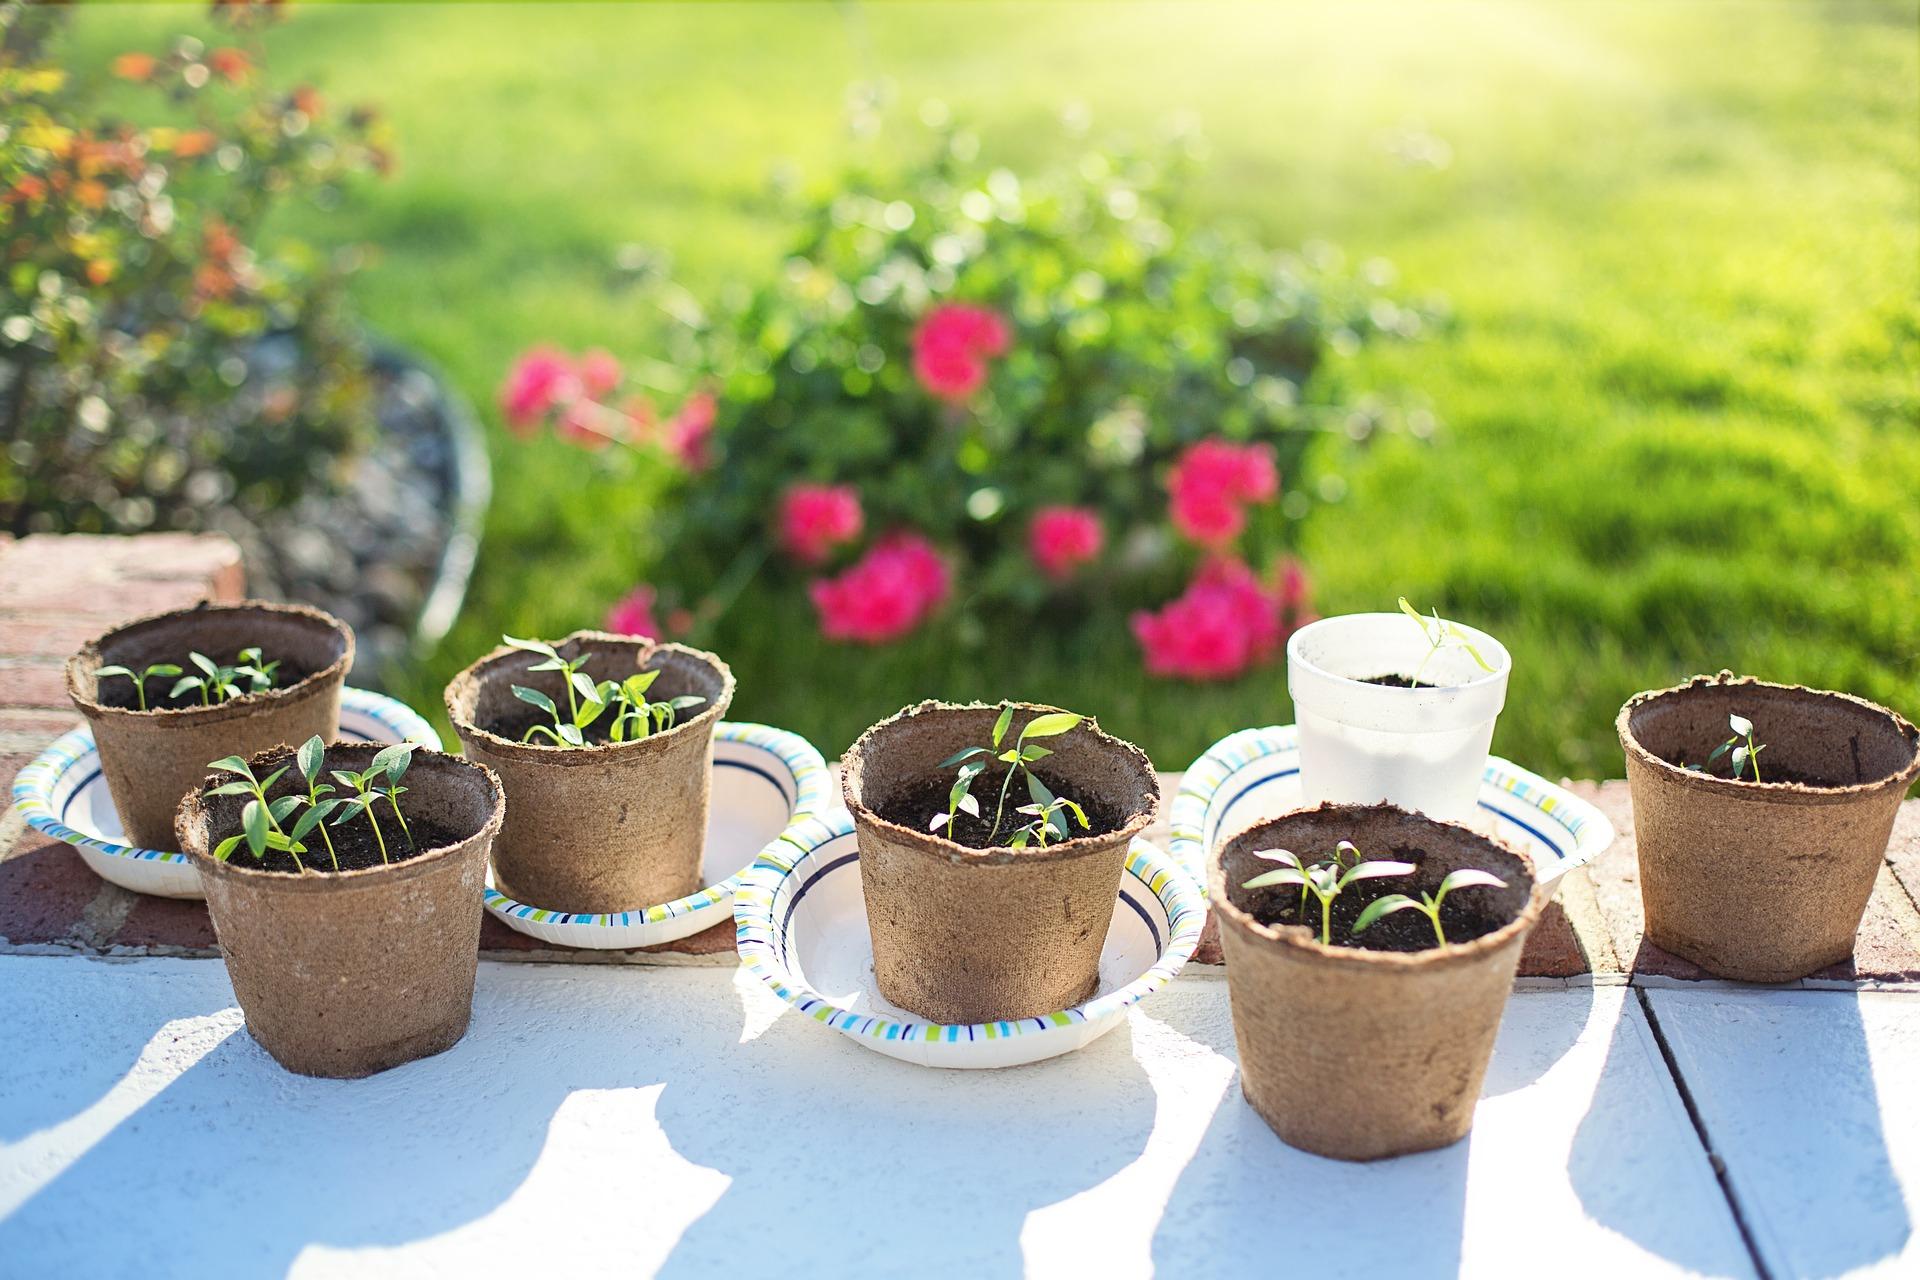 Comment préparer vos semis en intérieur ?